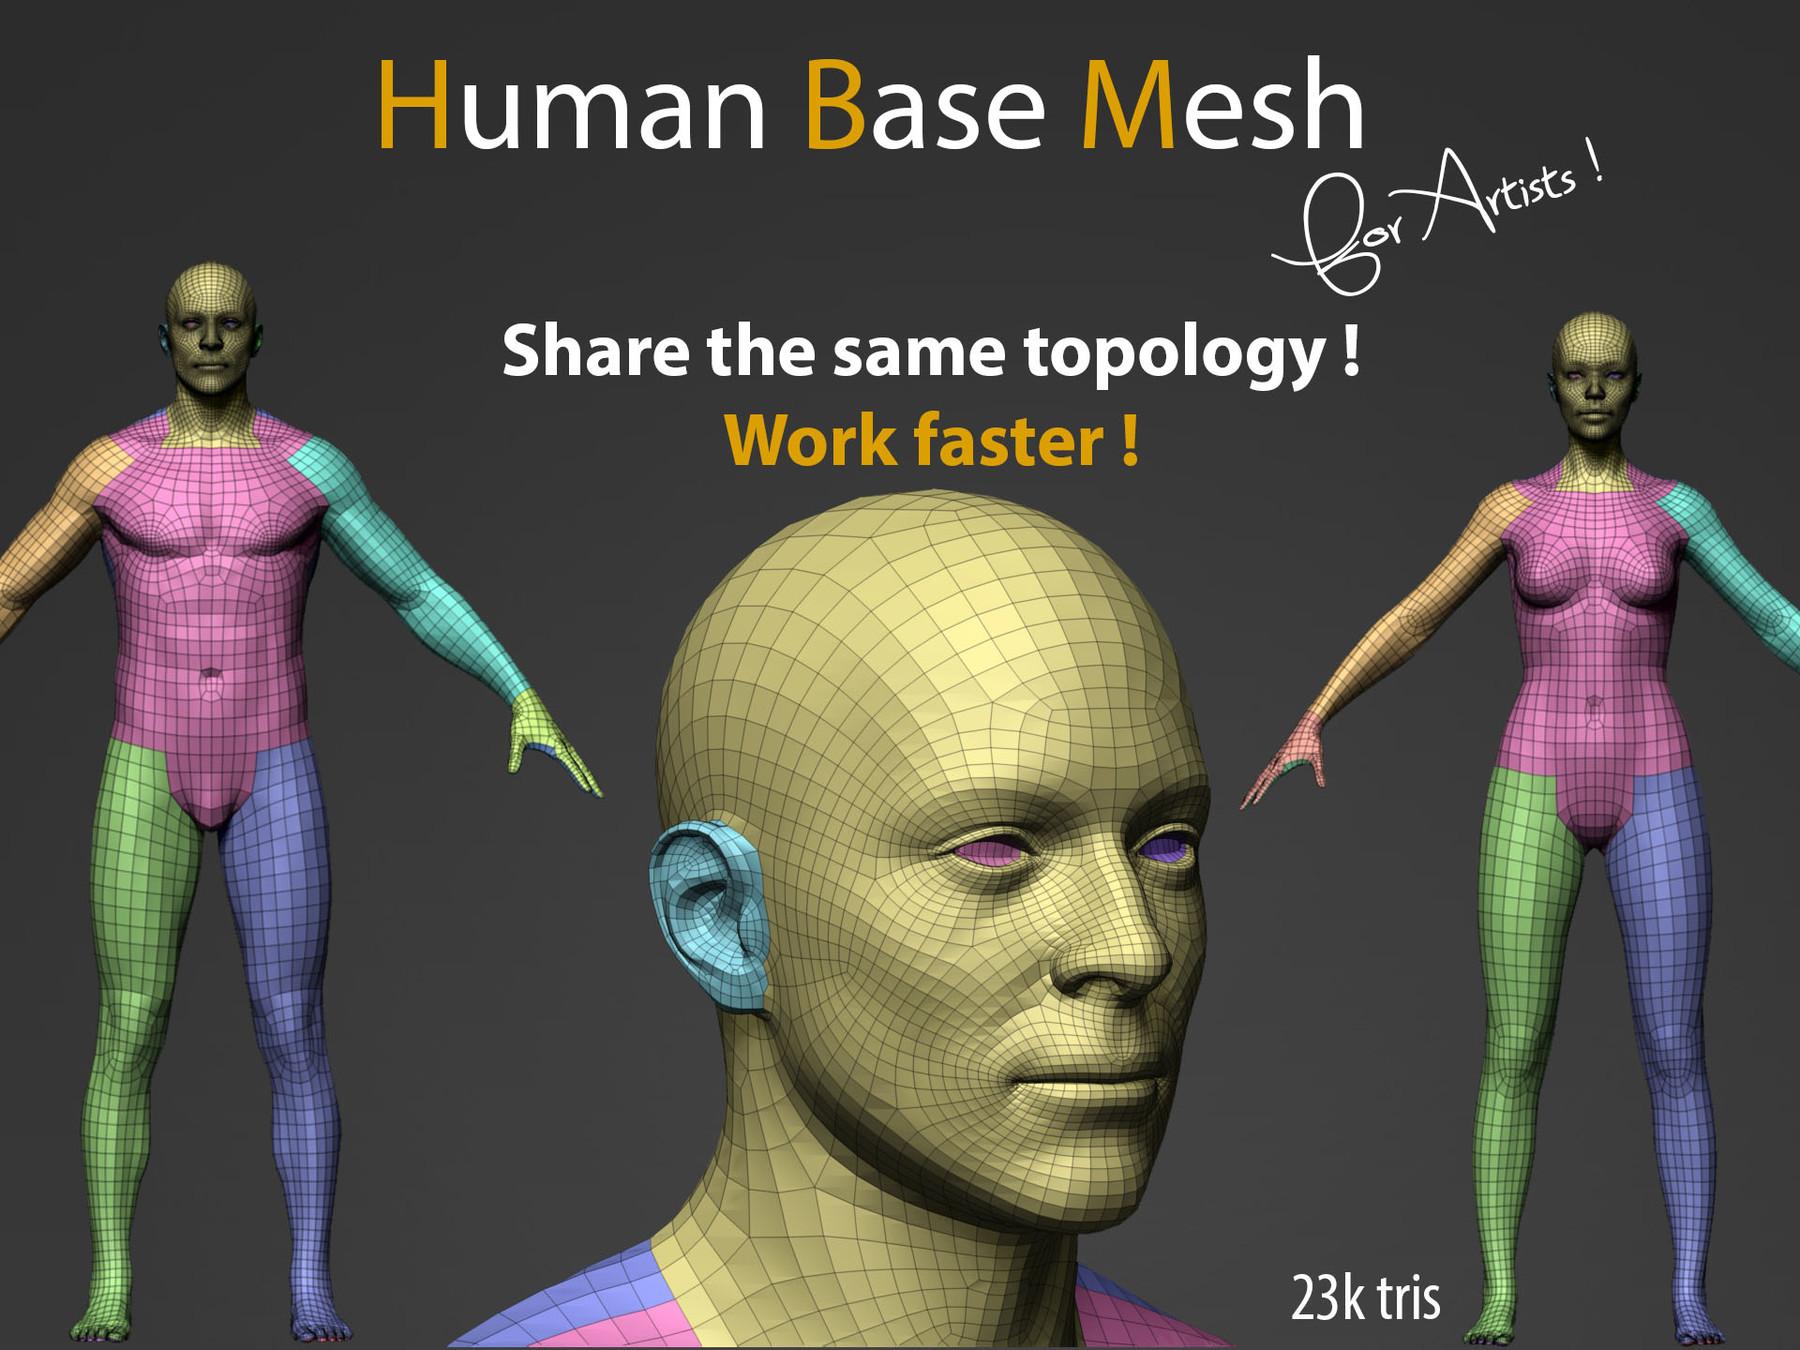 Human bm img1